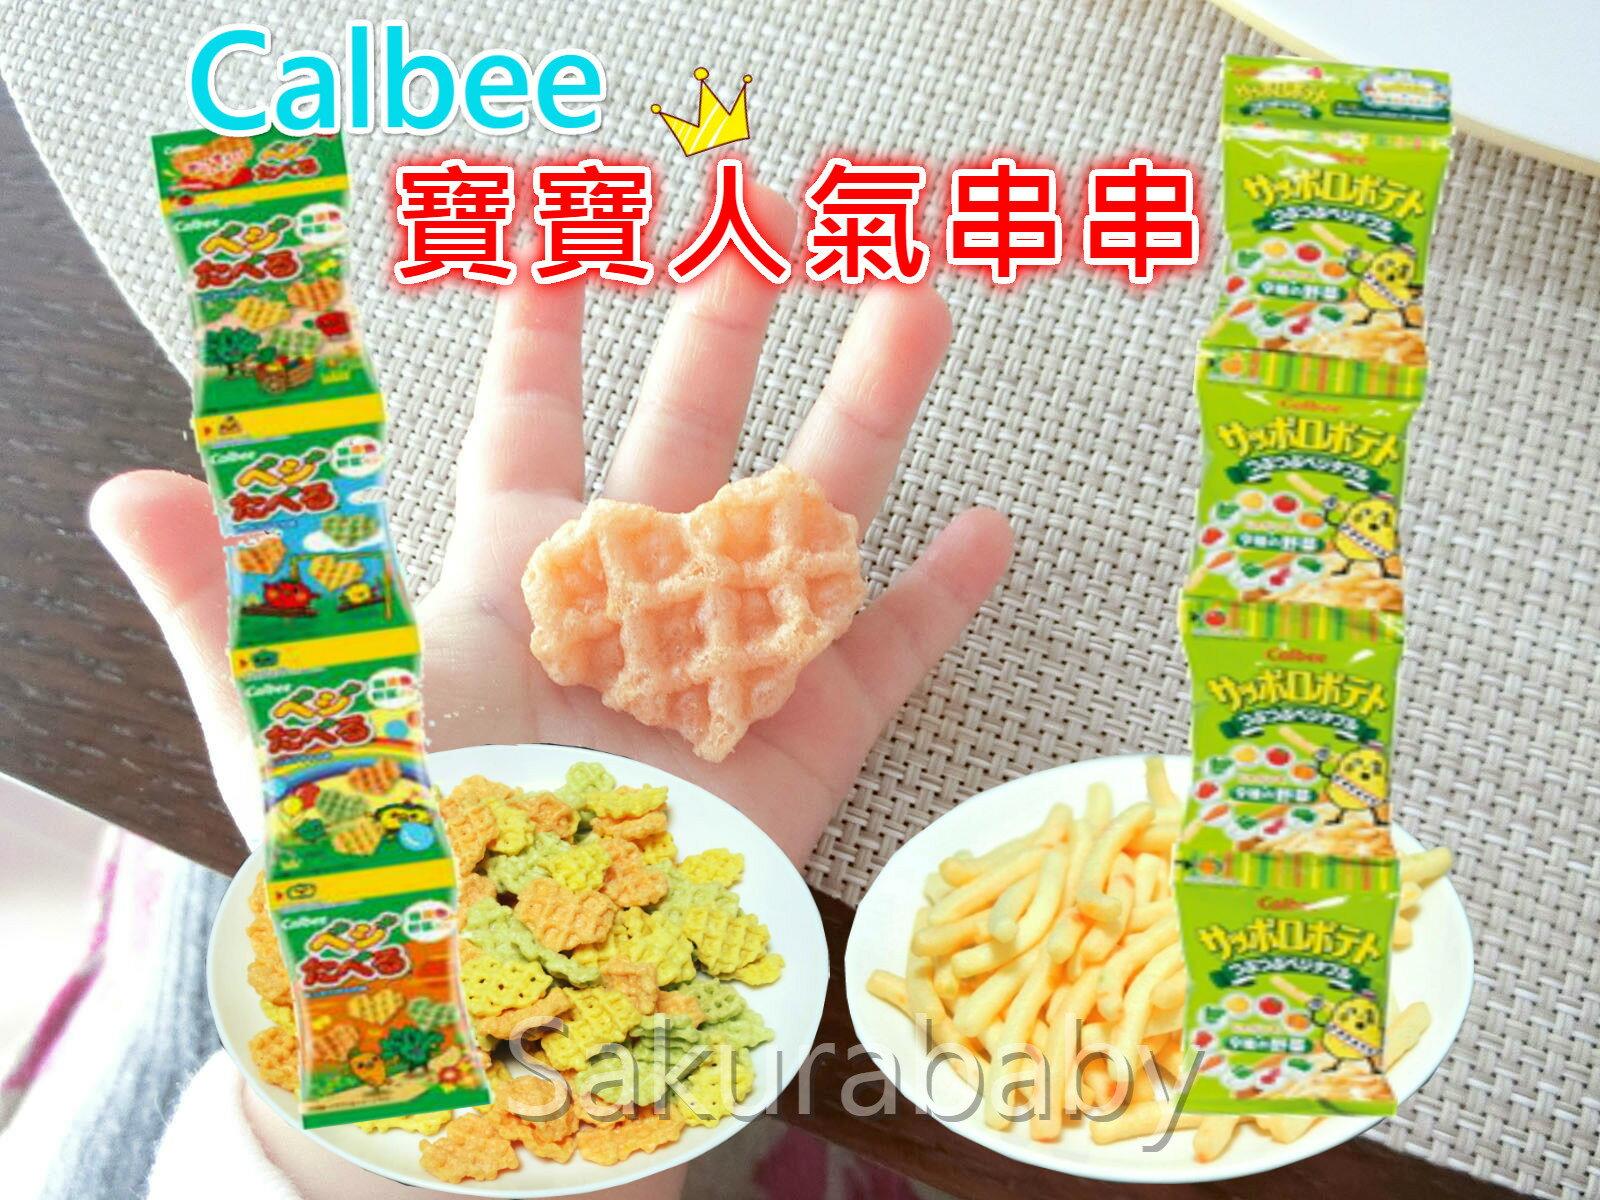 卡樂比 Calbee 人氣綠黃色野菜餅乾 愛心野菜 北海道蔬菜薯條 薯條餅乾 幼童餅乾 美味健康 櫻花寶寶